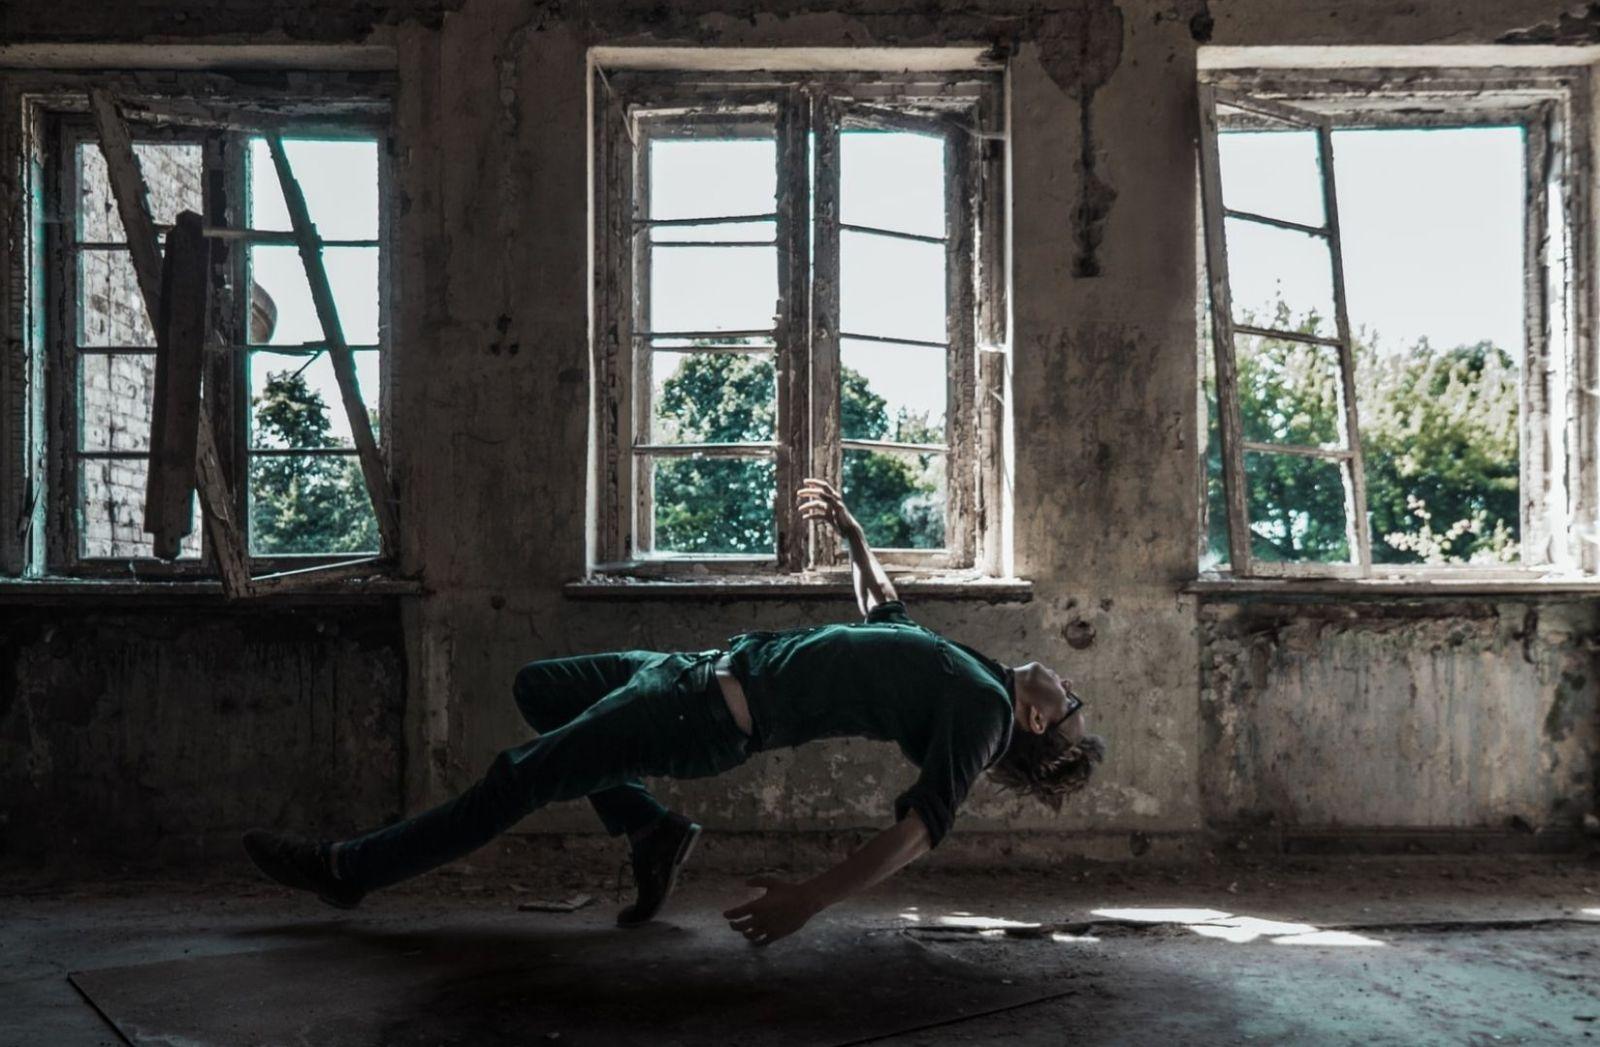 Weltmeisterlich auf die Empore. (Foto: Julius Drost, Unsplash.com)